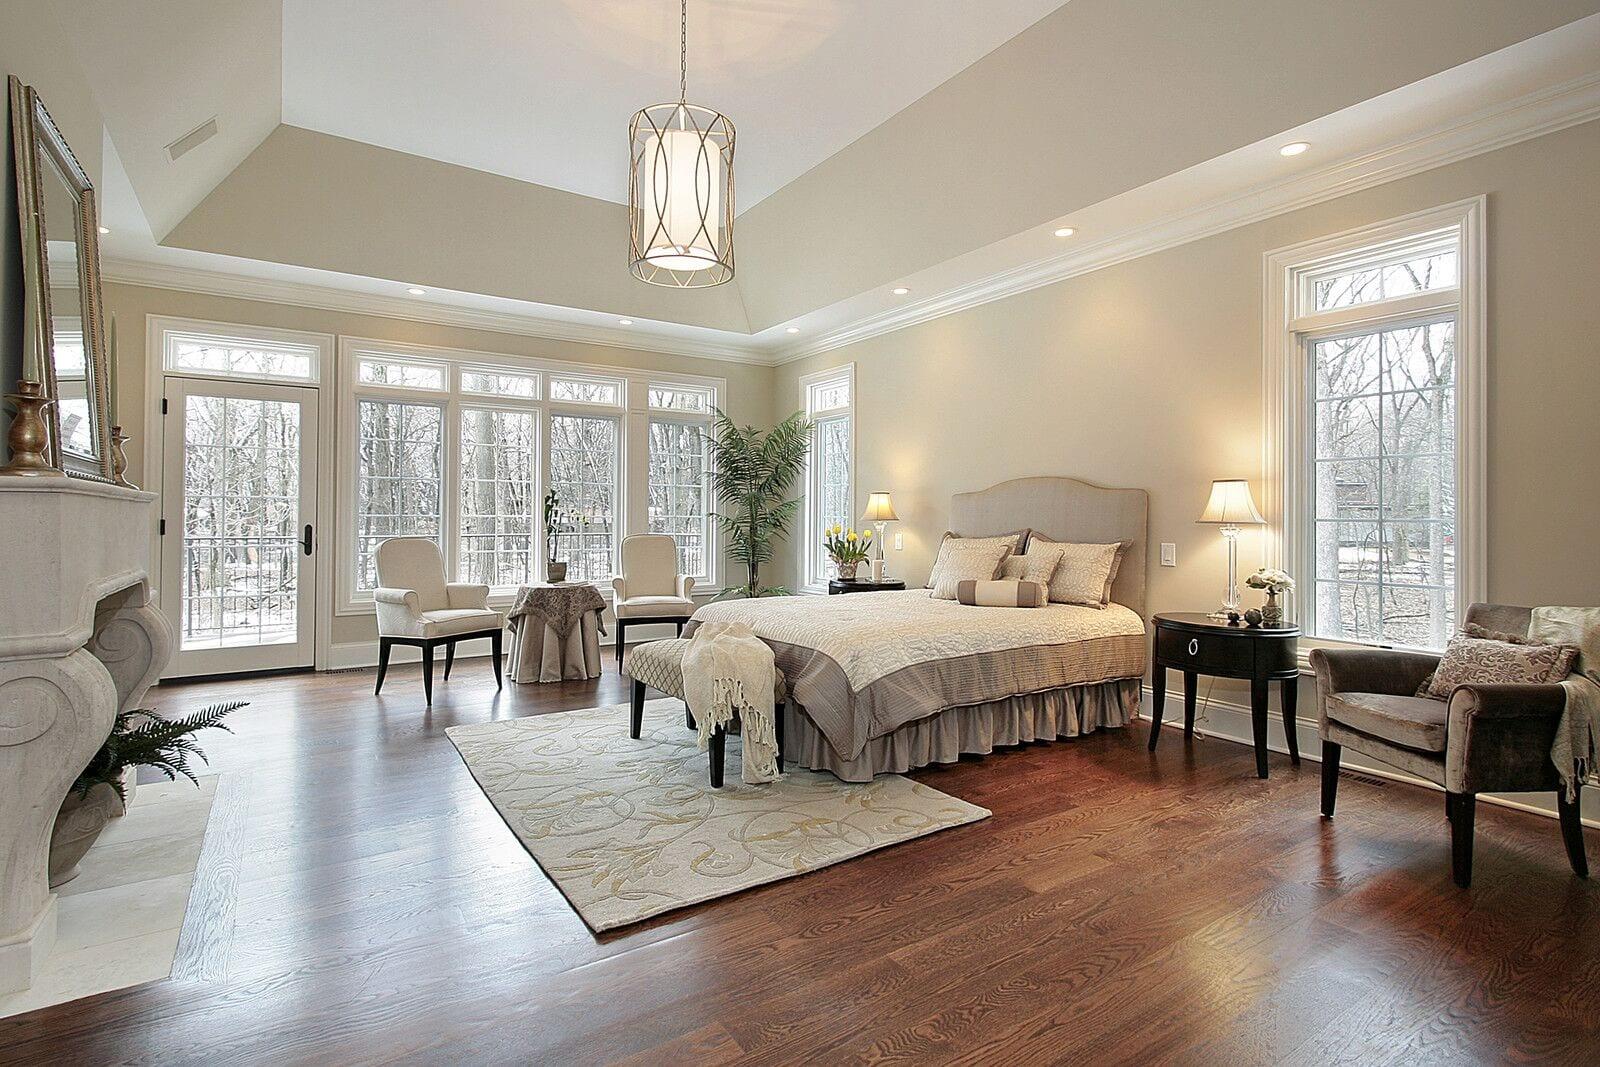 custom-home-design-builders-ma-nh-004